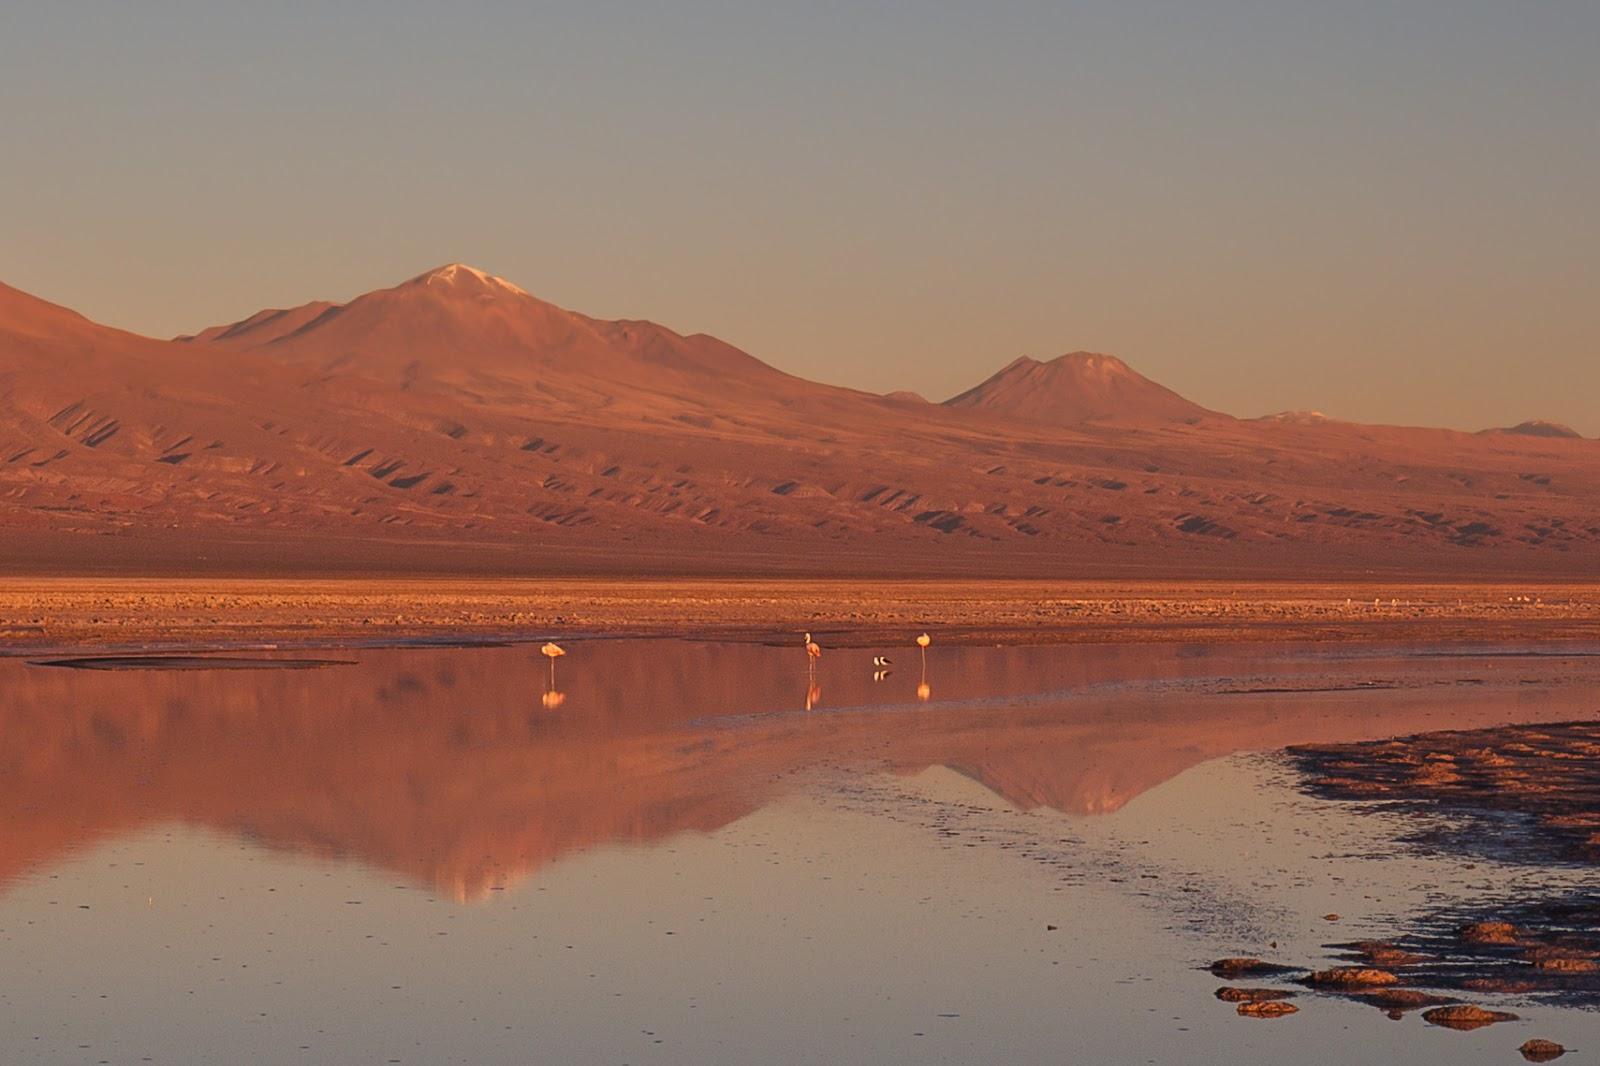 На край света в одиночку: Патагония, Остров Пасхи, Атакама. Апрель-май 2019.